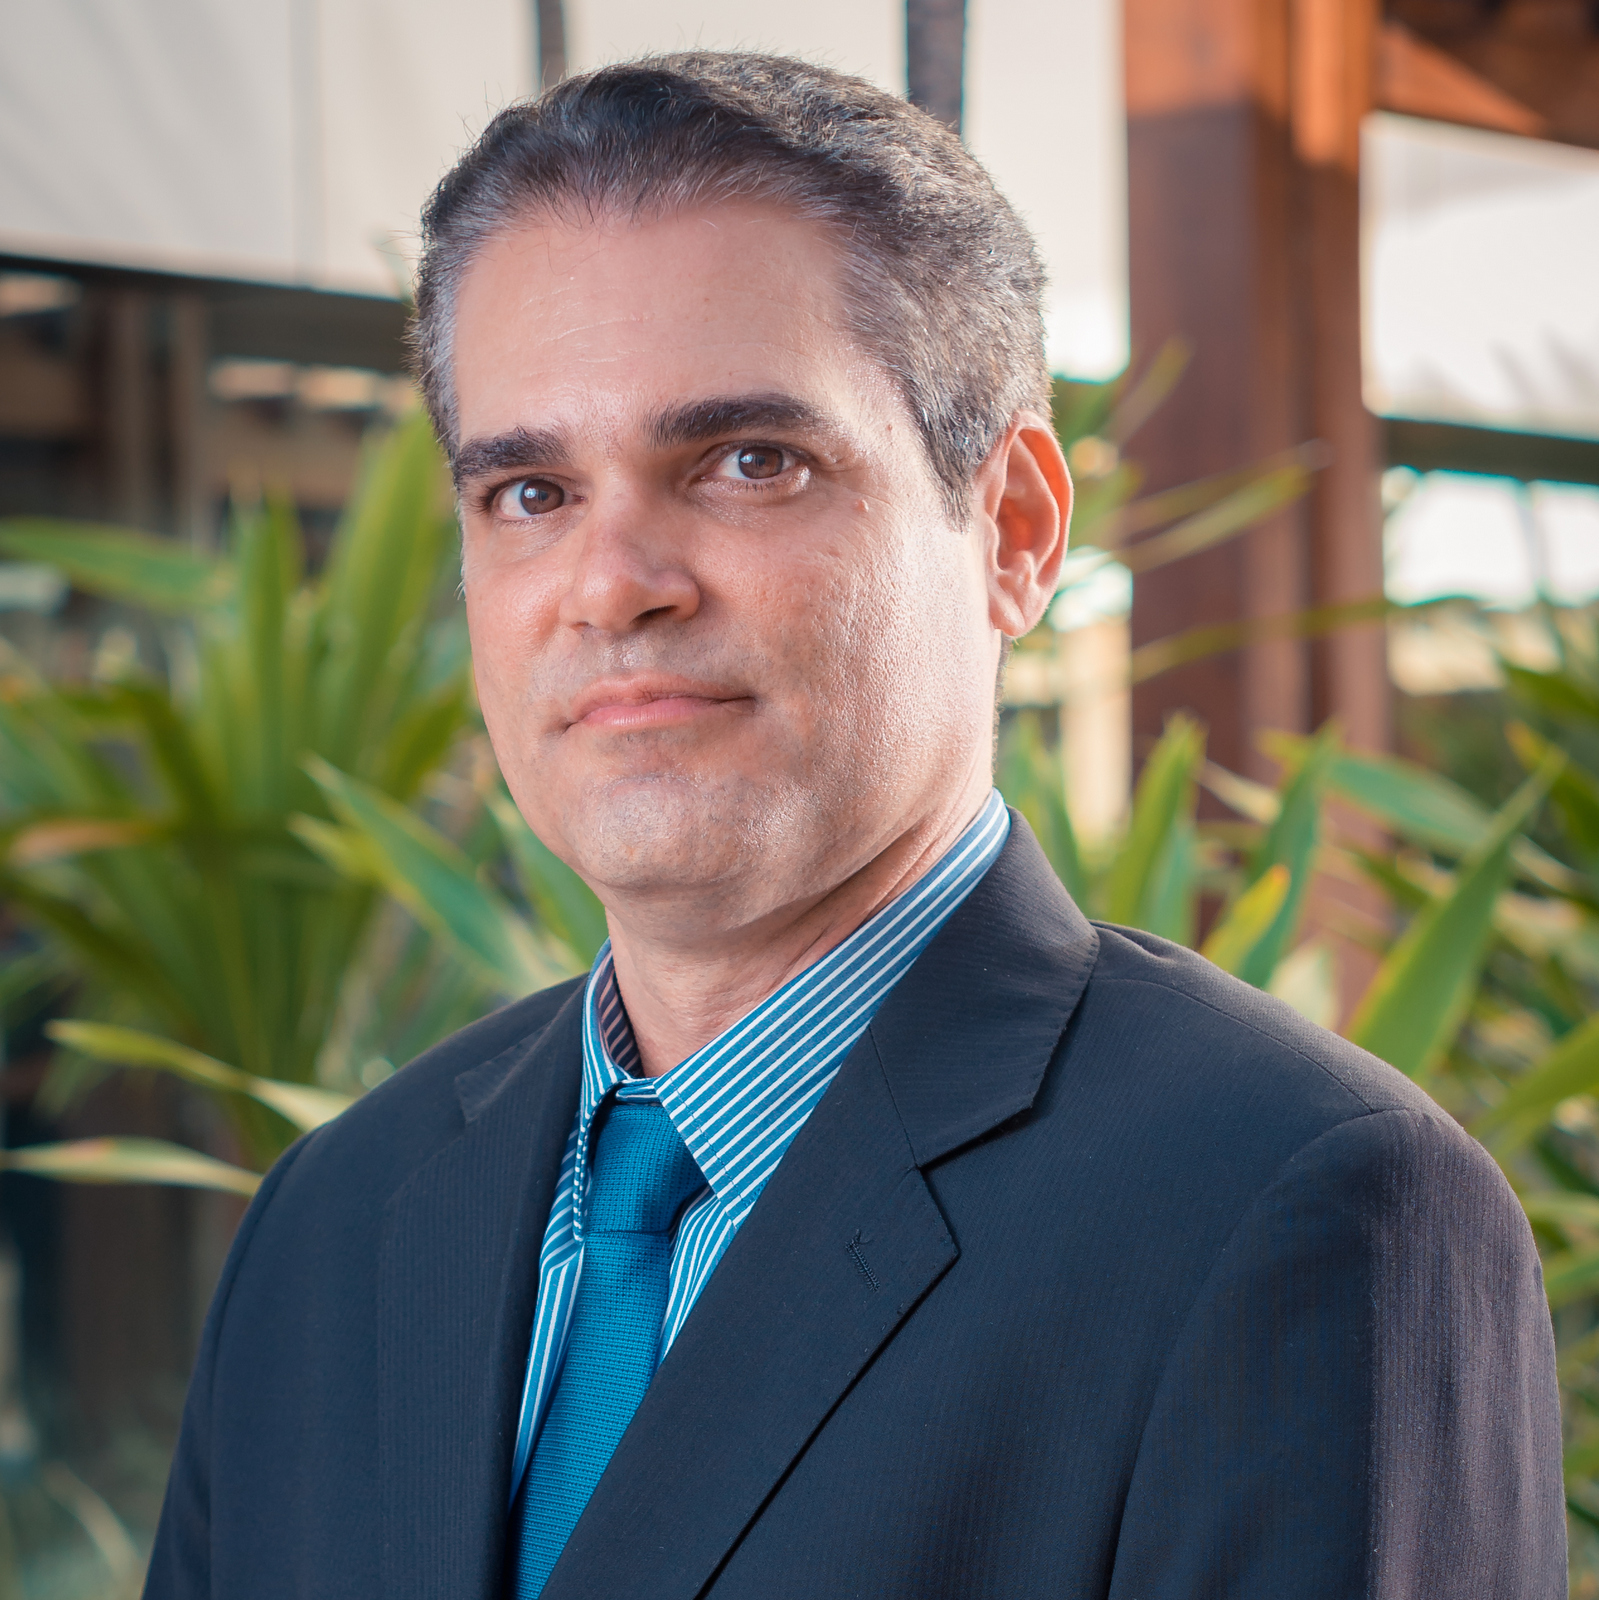 Dr. André Gonzalez